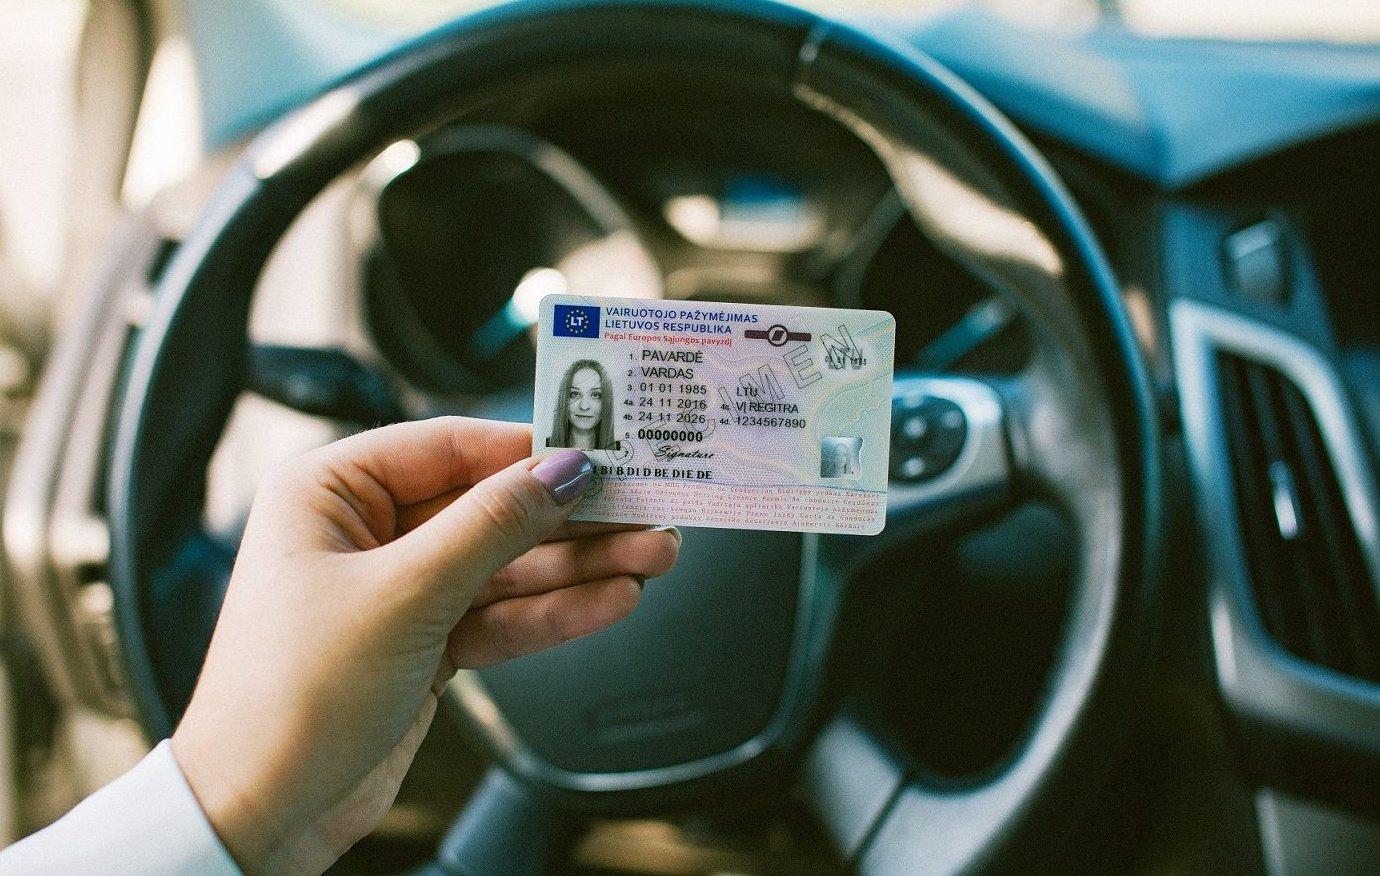 Praėjusi para Klaipėdos apskrityje: subraižytas automobilis ir suklastotas vairuotojo pažymėjimas